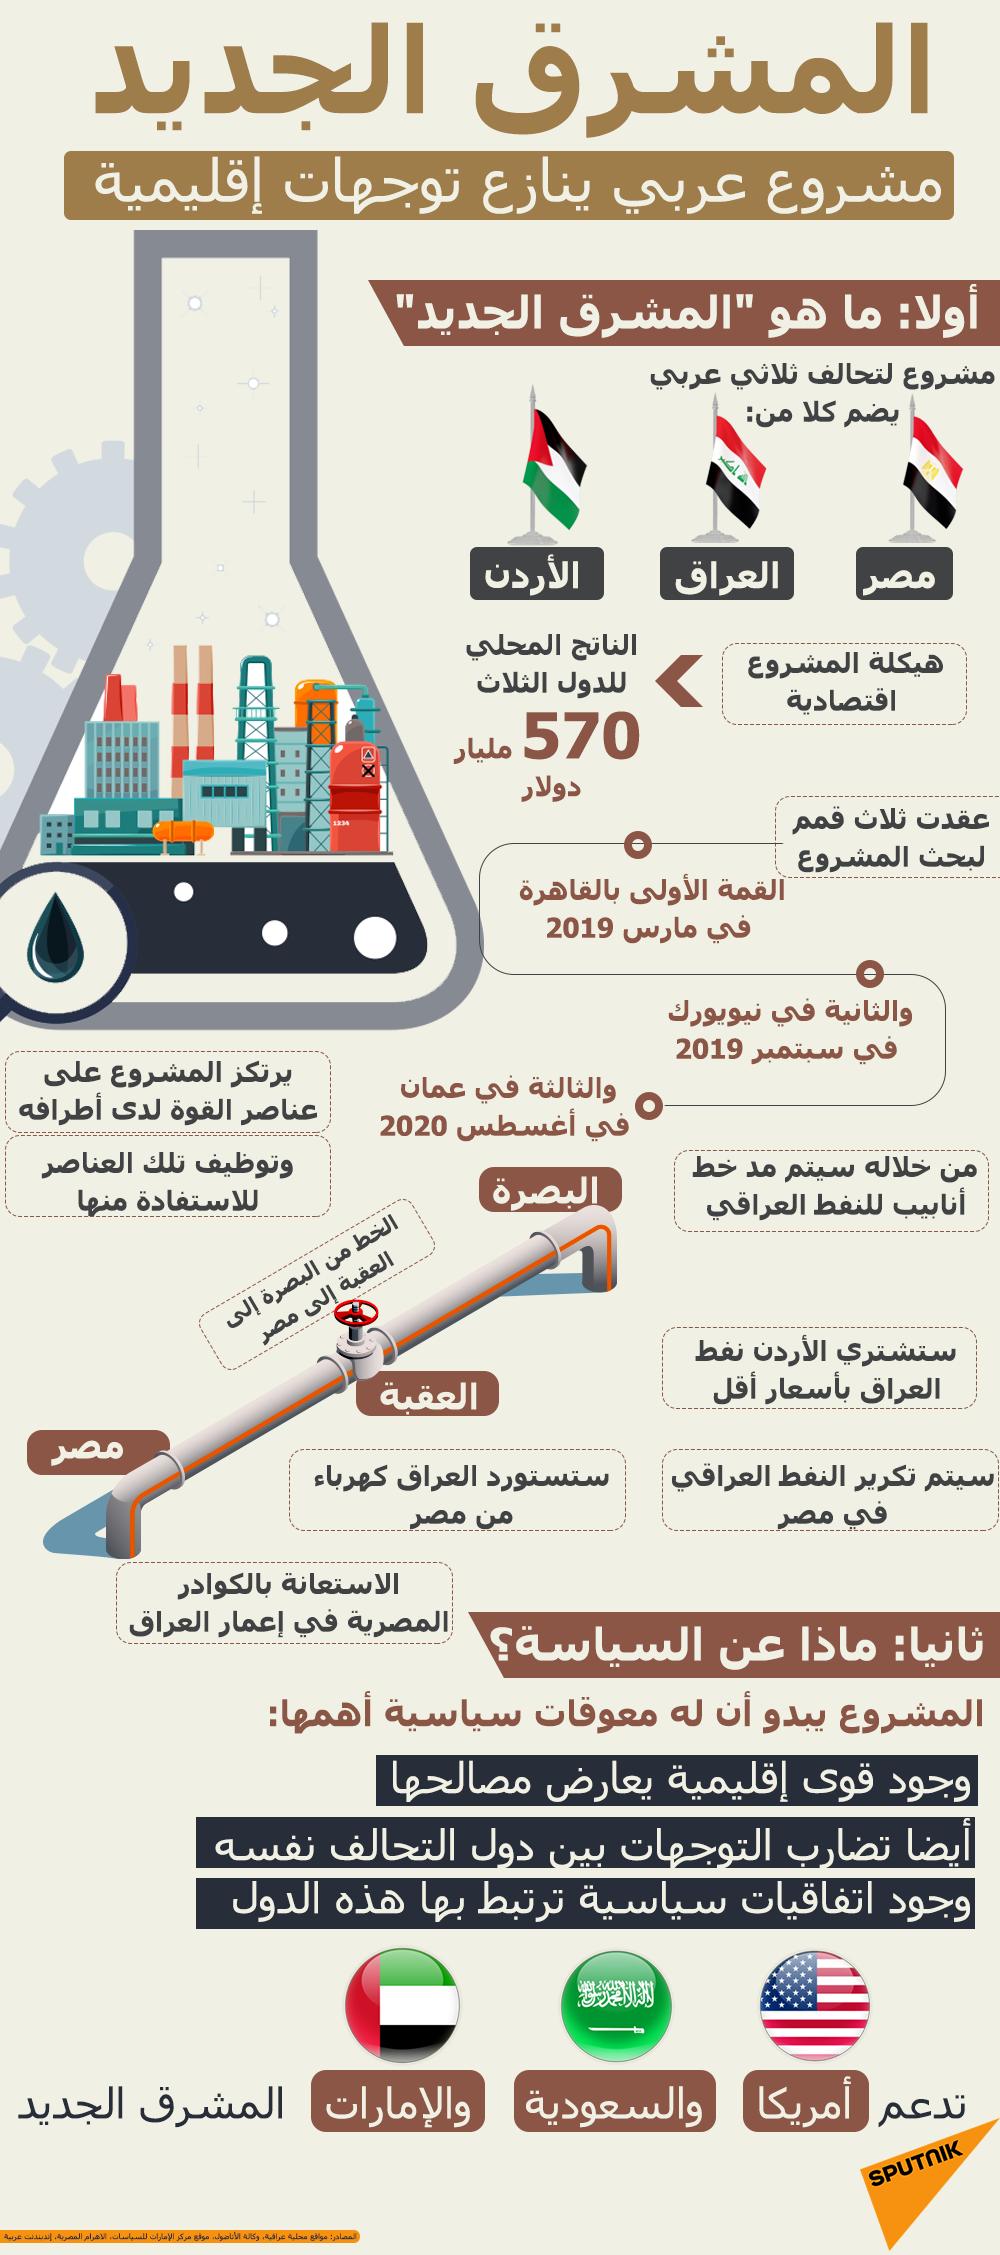 المشرق الجديد... مشروع عربي ينازع توجهات إقليمية